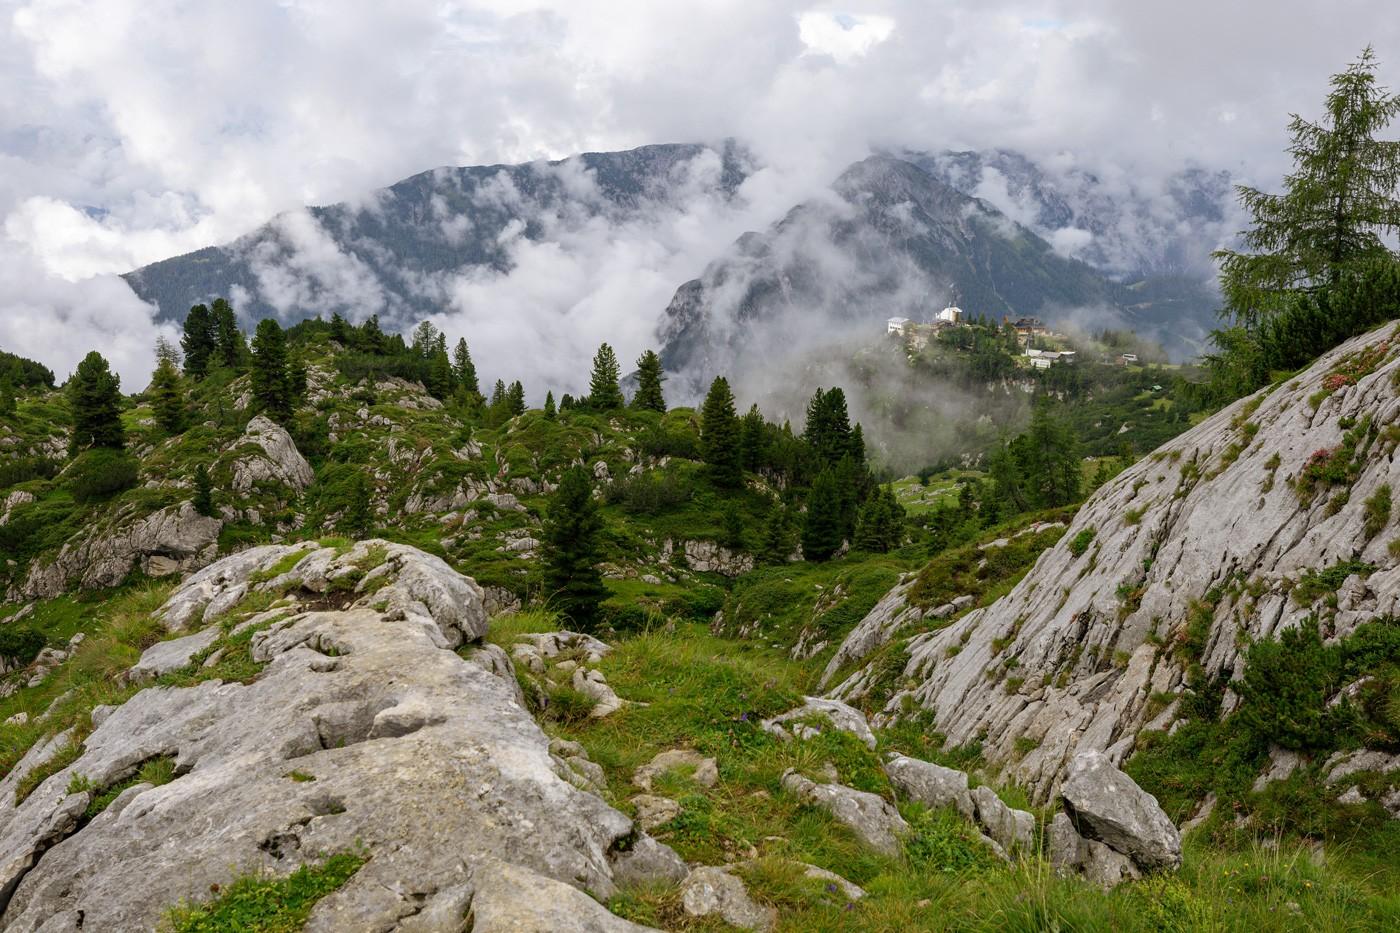 Wanderung-Rofanspitze-Aussicht-zur-Erfurter-Hütte und zur Bergstation Rofanseilbahn